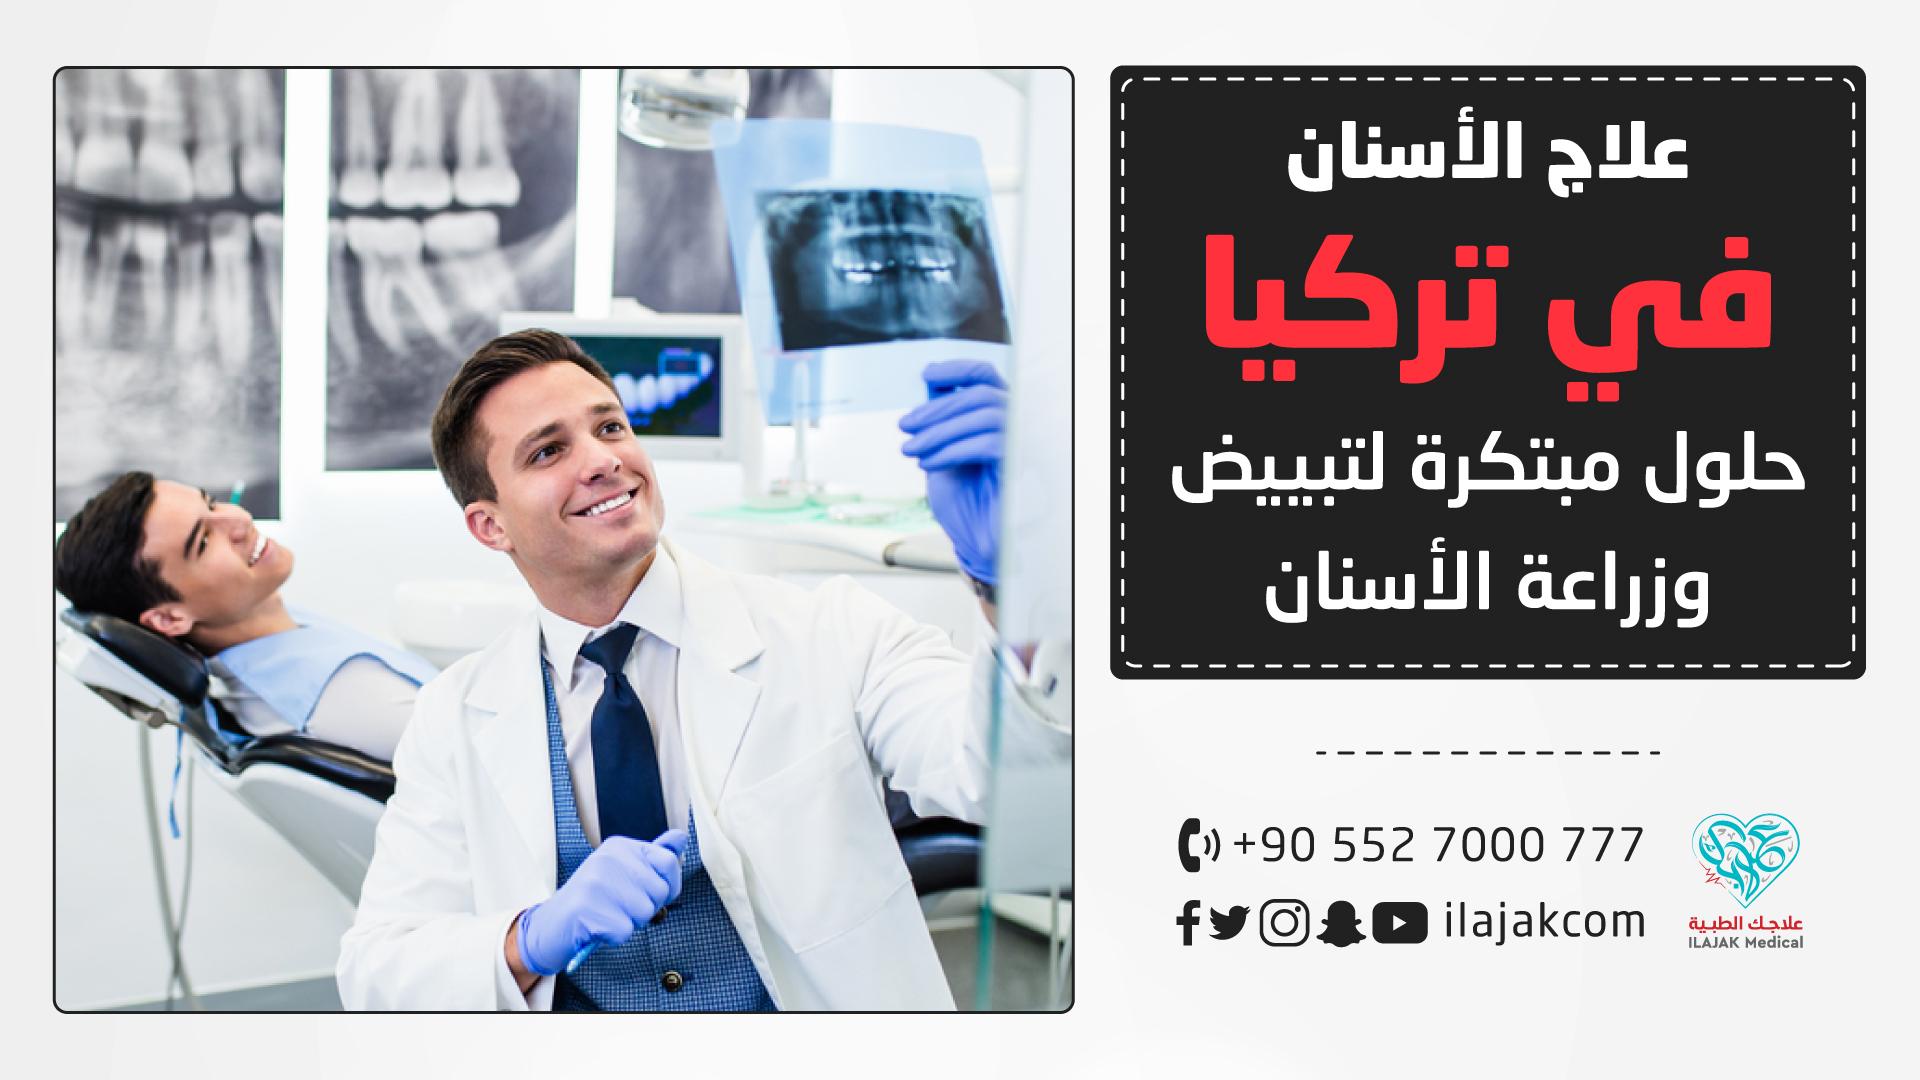 علاج الأسنان في تركيا || حلول مبتكرة لتبييض وزراعة الأسنان